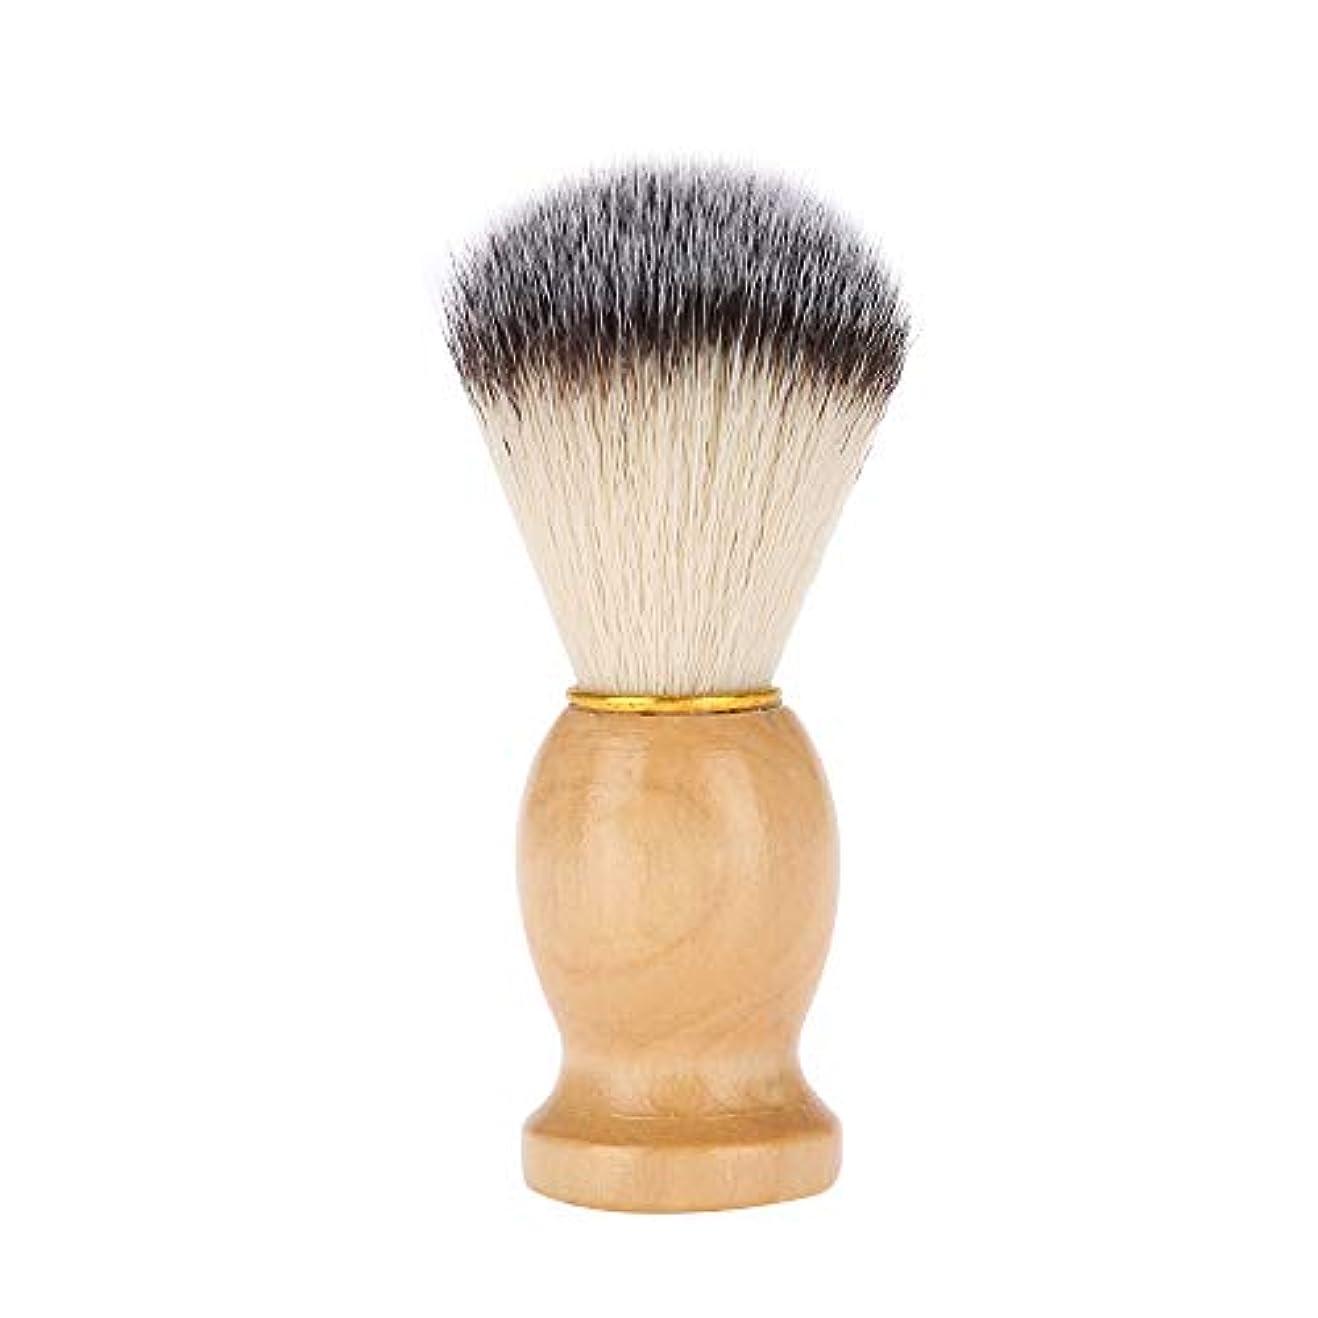 フィッティング受け入れる正確さひげブラシメンズシェービングブラシ 毛髭ブラシと木製コム バッガーヘア シェービングブラシ 髭剃り メンズ ポータブルひげ剃り美容ツール (黄)